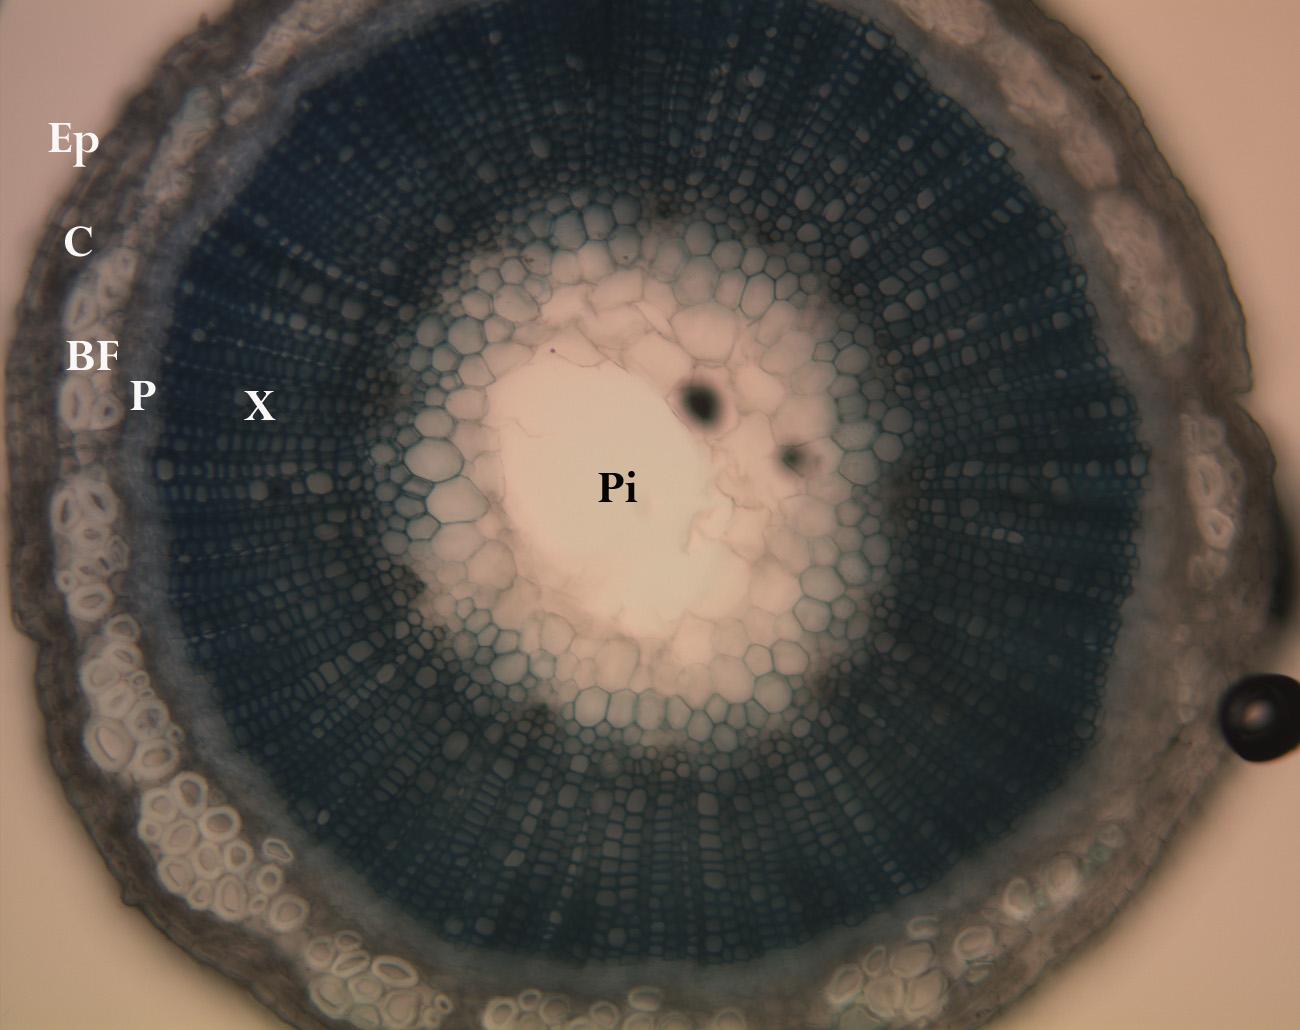 temcross-section,showinglocationsofunderlyingtissuespepidermisbotanyepidermiscortexbastfibersphloemxylemipith